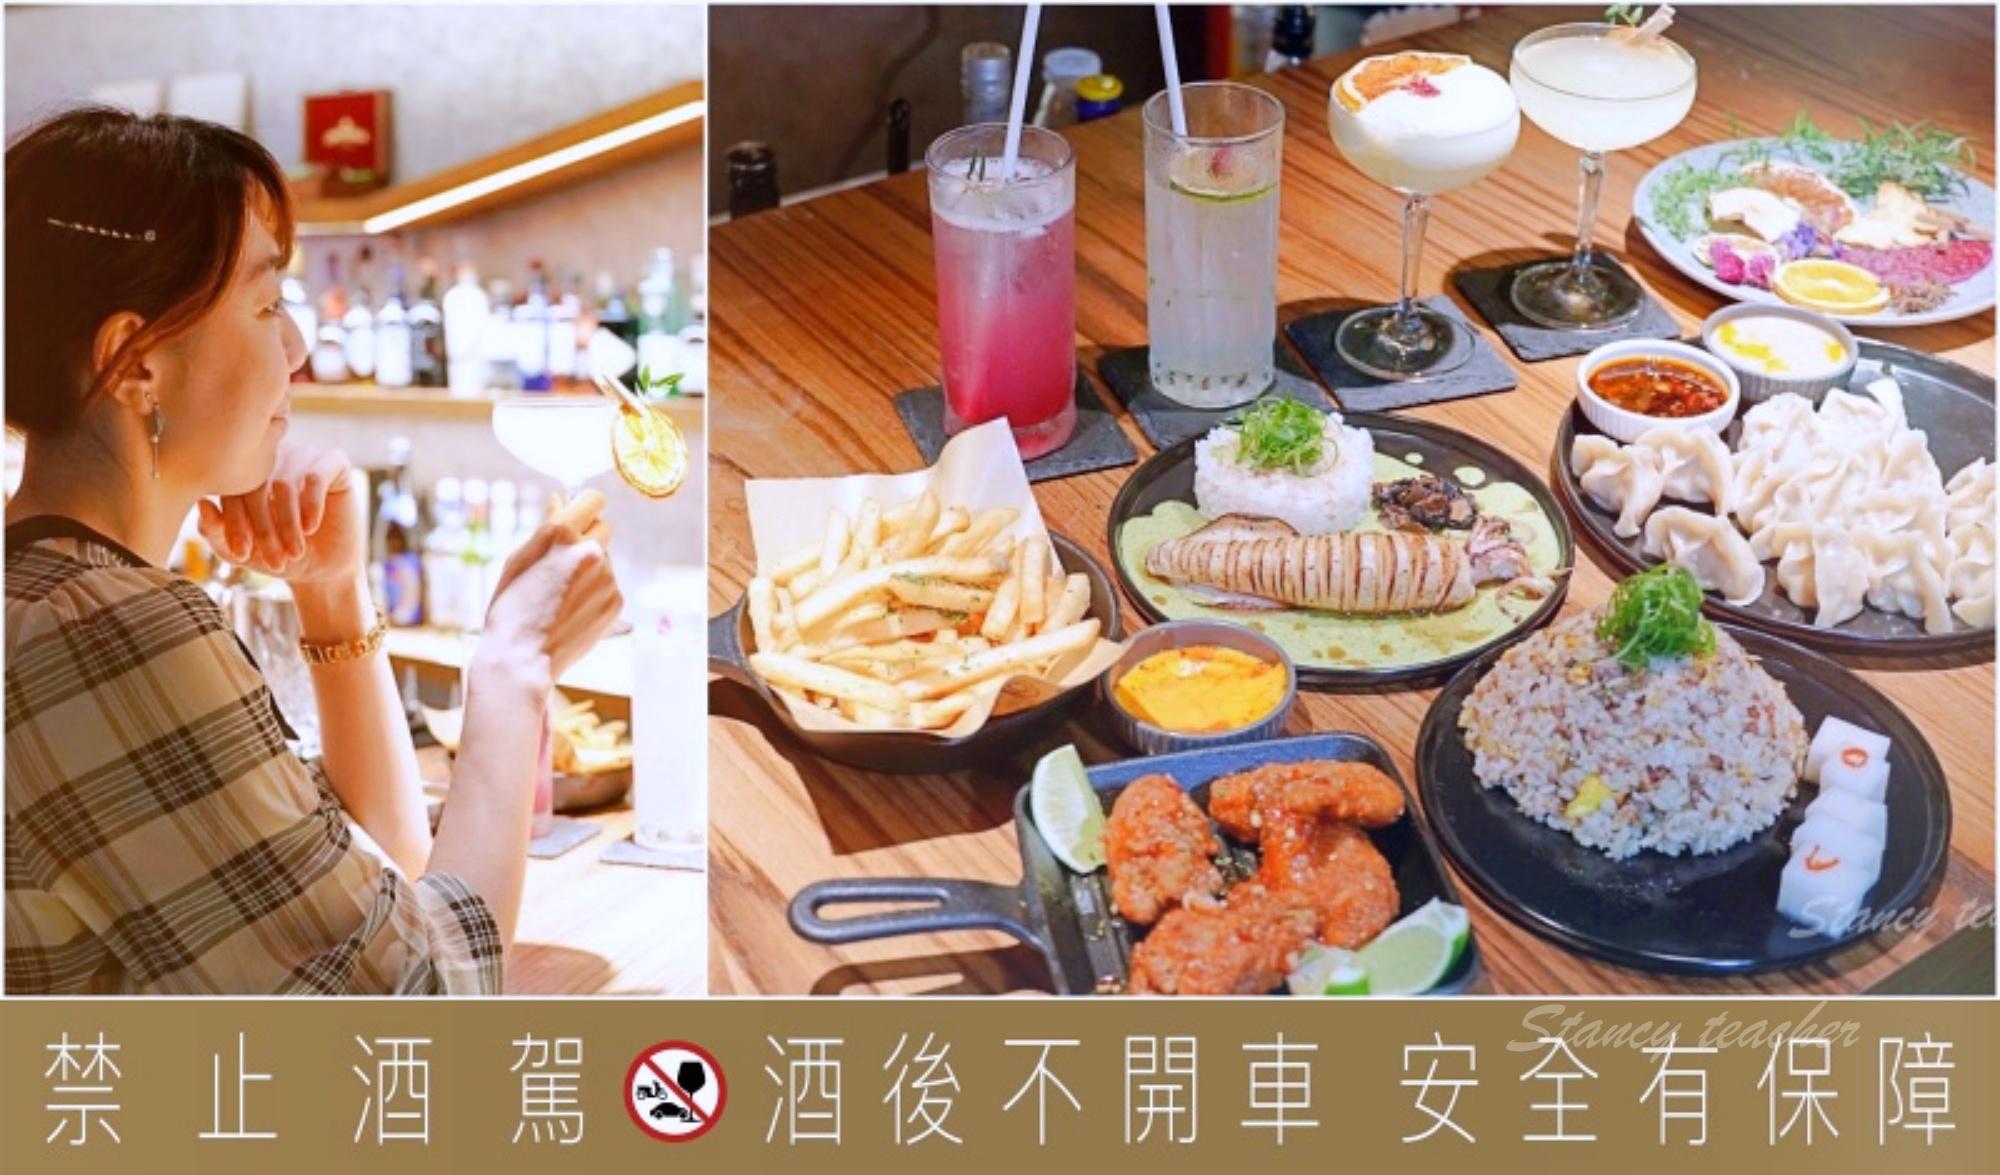 微光MoonLit|淡水隱藏版酒吧|淡水包場聚餐酒吧|淡水下午茶酒吧|淡江最大酒吧空間(菜單、價格)